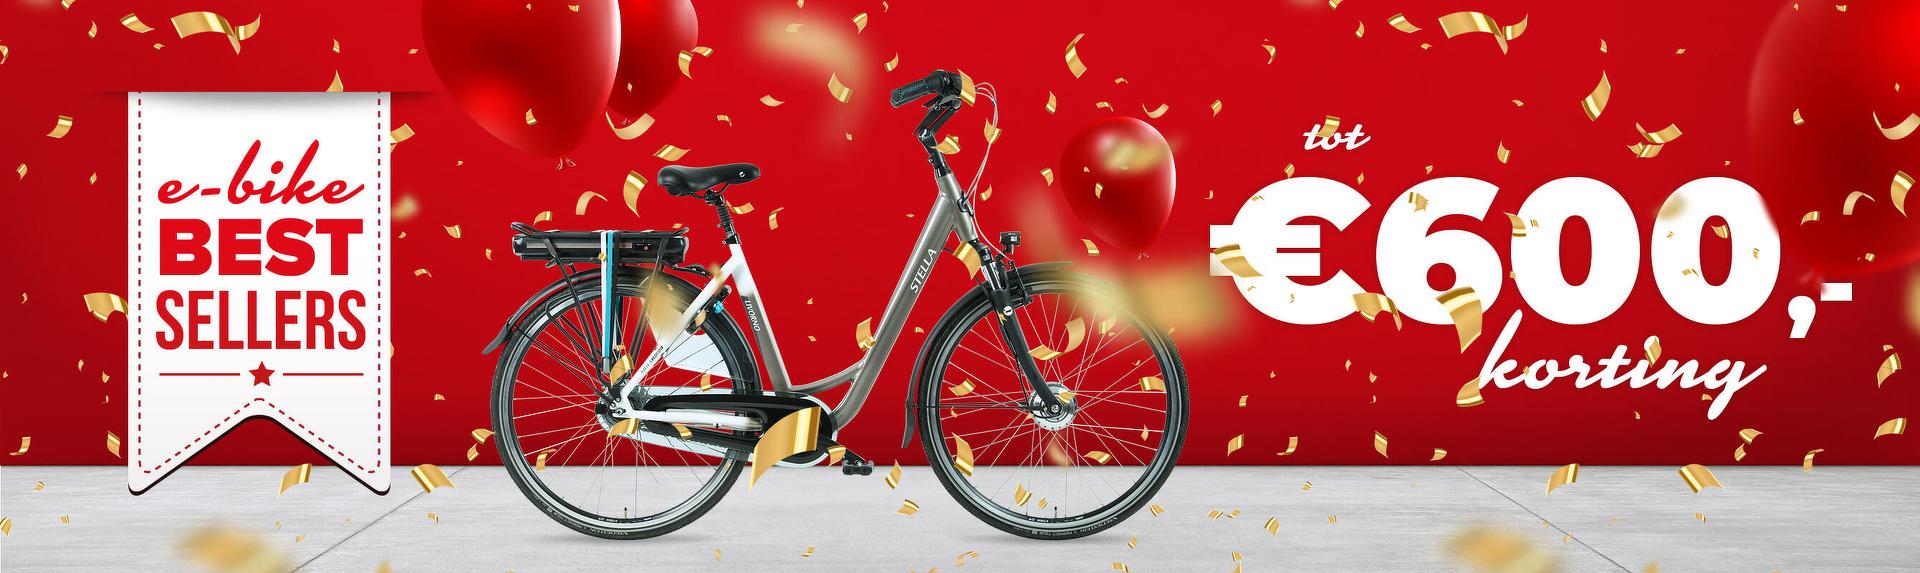 E-bike Bestsellers